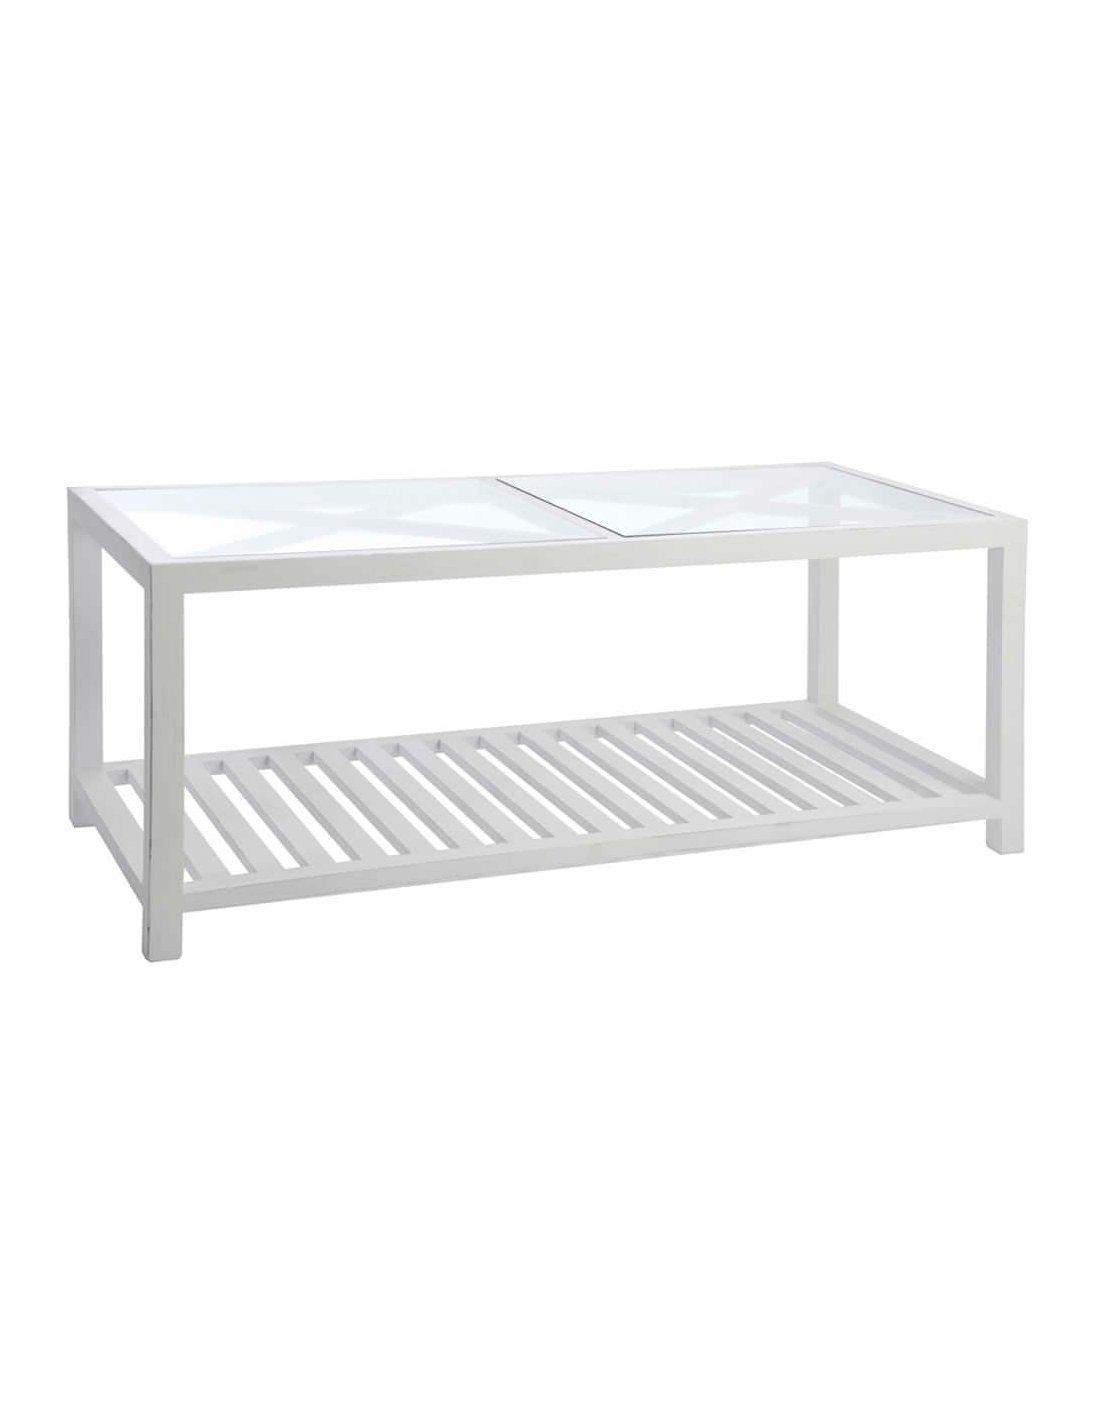 chaussures de séparation 34b96 6754f Table basse rectangulaire ADELONG | J-Line | Blanc